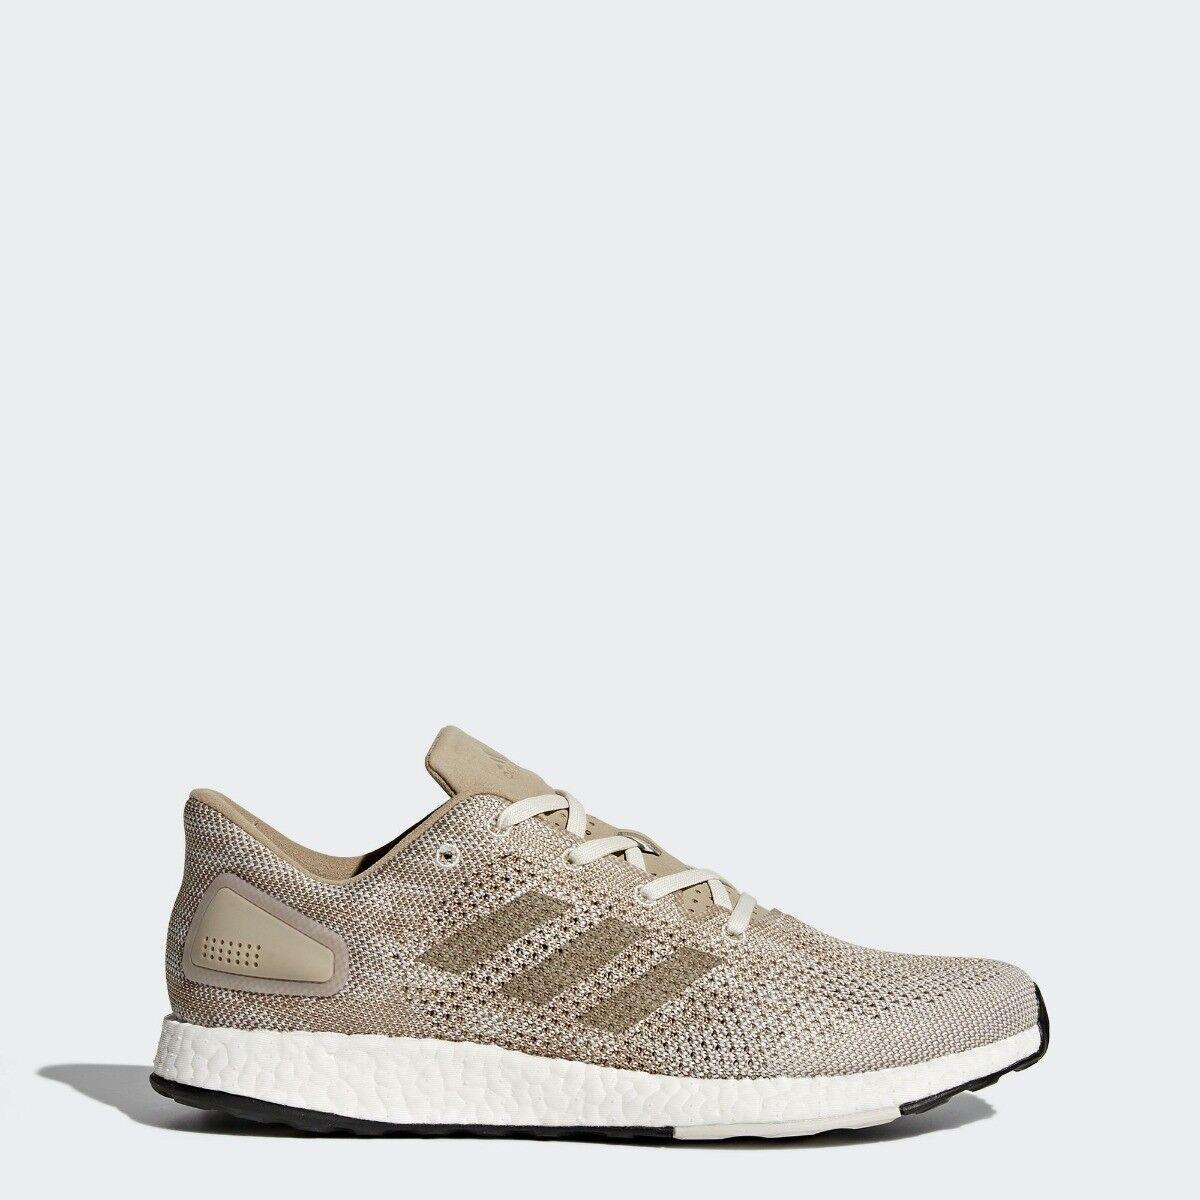 Adidas Pureboost Hombre Entrenador 6.5 Zapato de correr TALLA 6.5 Entrenador  11 /nuevo ejecutar 02d6ee